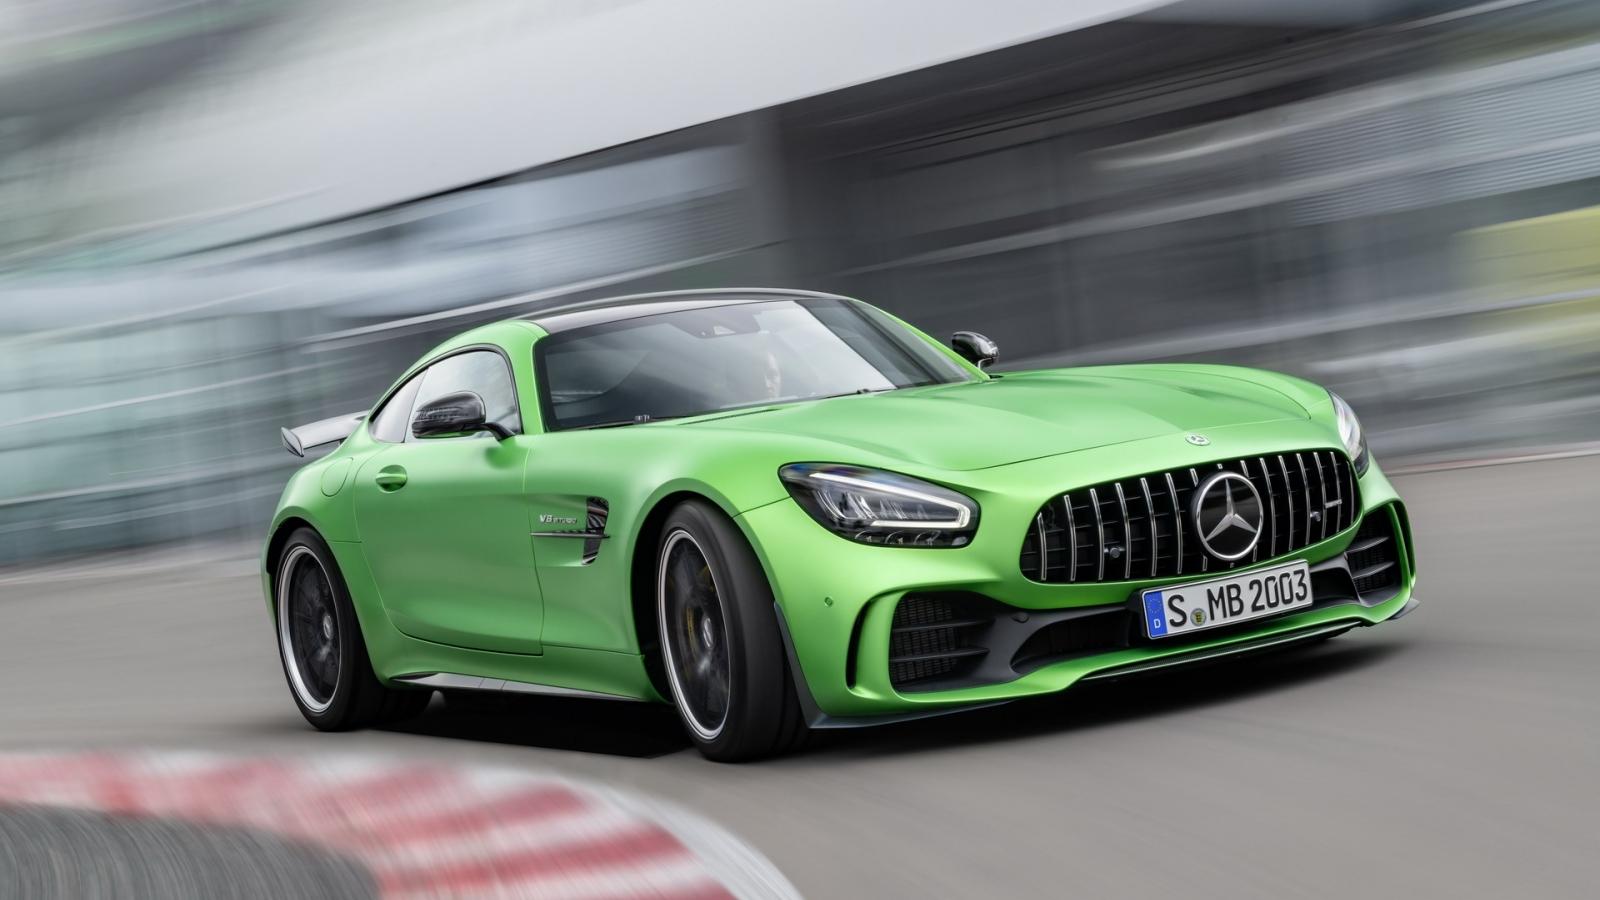 Ngừng sản xuất Mercedes AMG GT R vào năm 2021